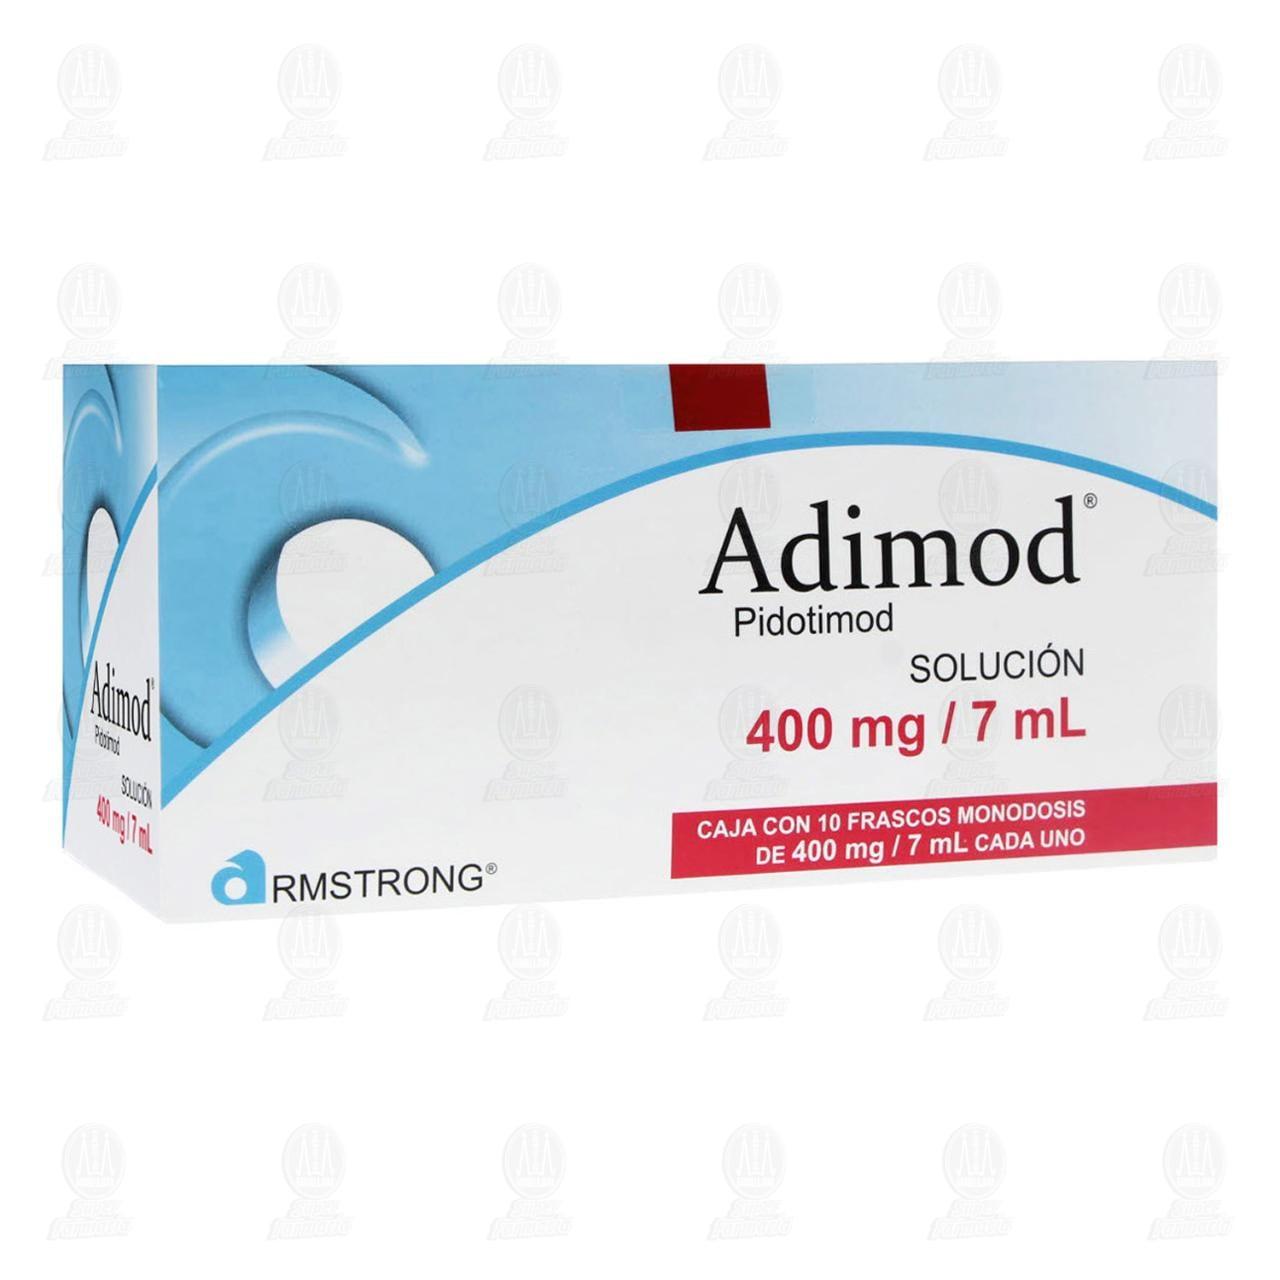 Adimod 400mg 7ml Solución 10 Frascos